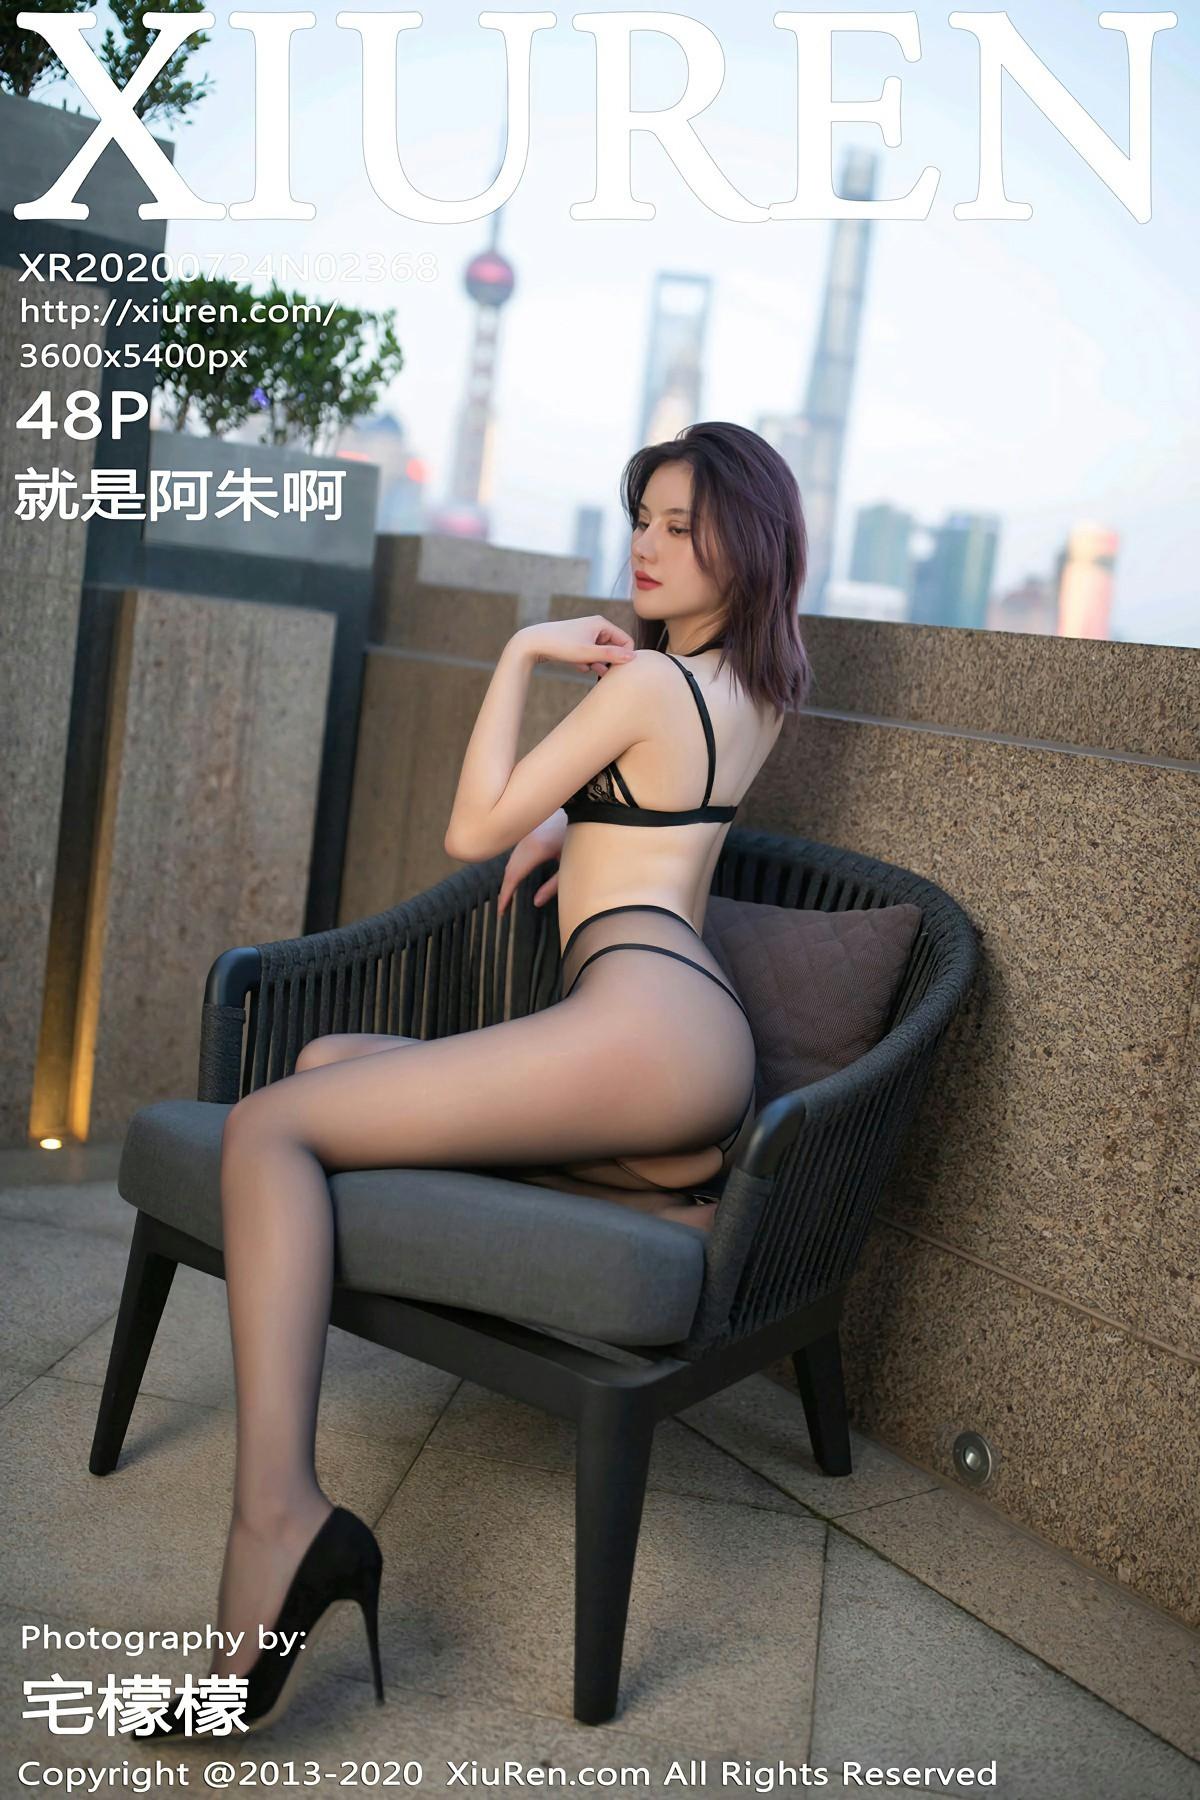 [XiuRen秀人网] 2020.07.24 No.2368 就是阿朱啊 第1张